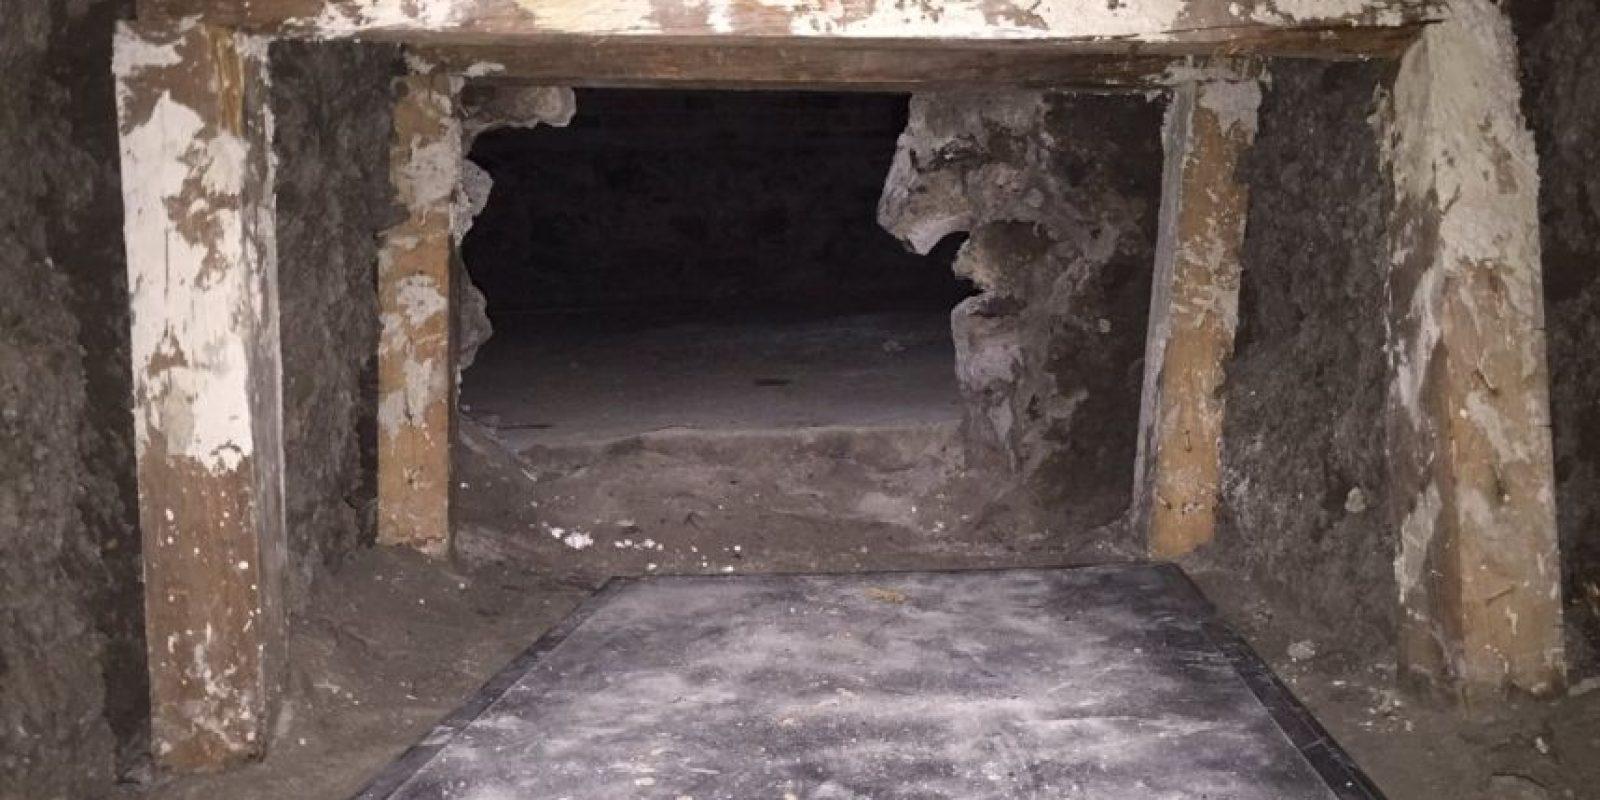 El túnel conectaba a la vivienda aledaña Foto:Twitter @PGJDF_CDMX